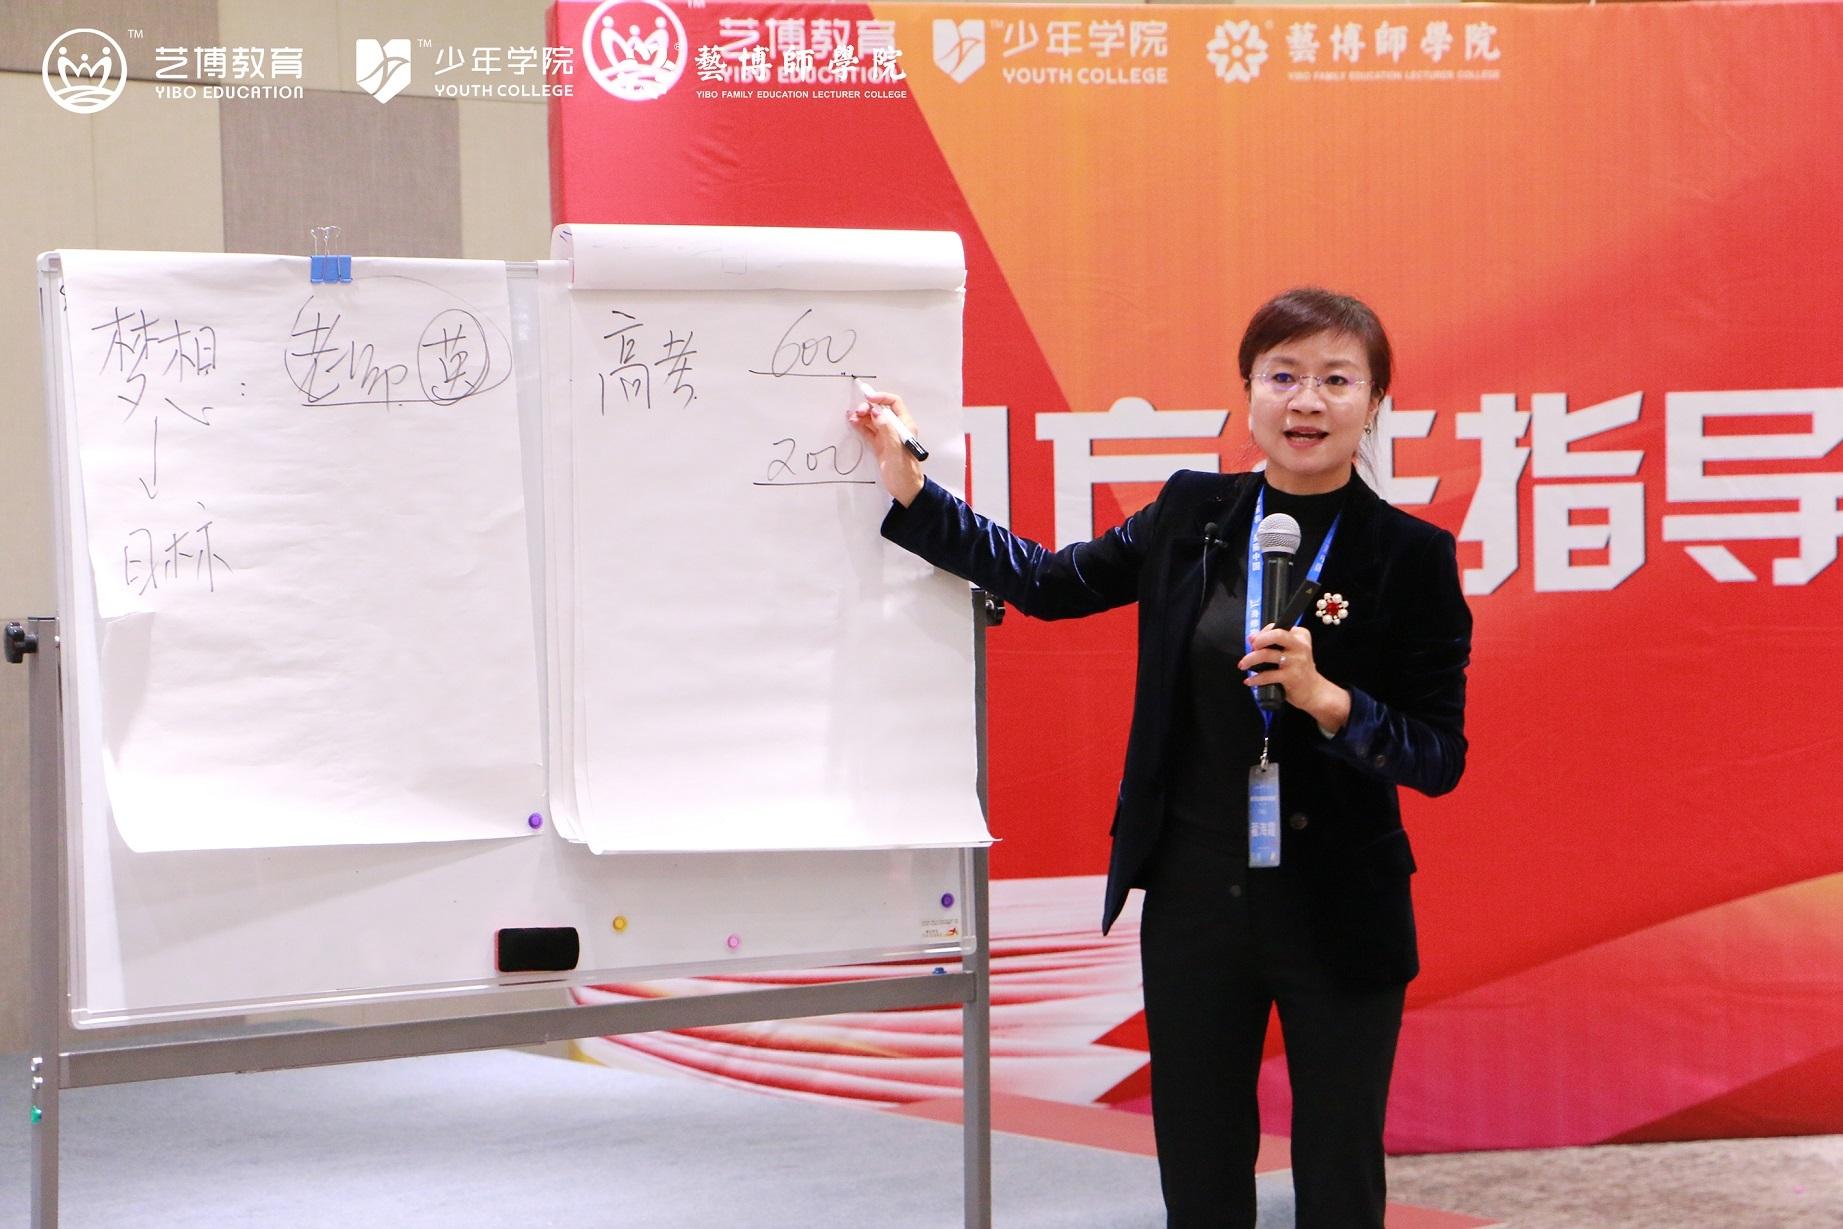 学习方法指导师训练营1期上海站